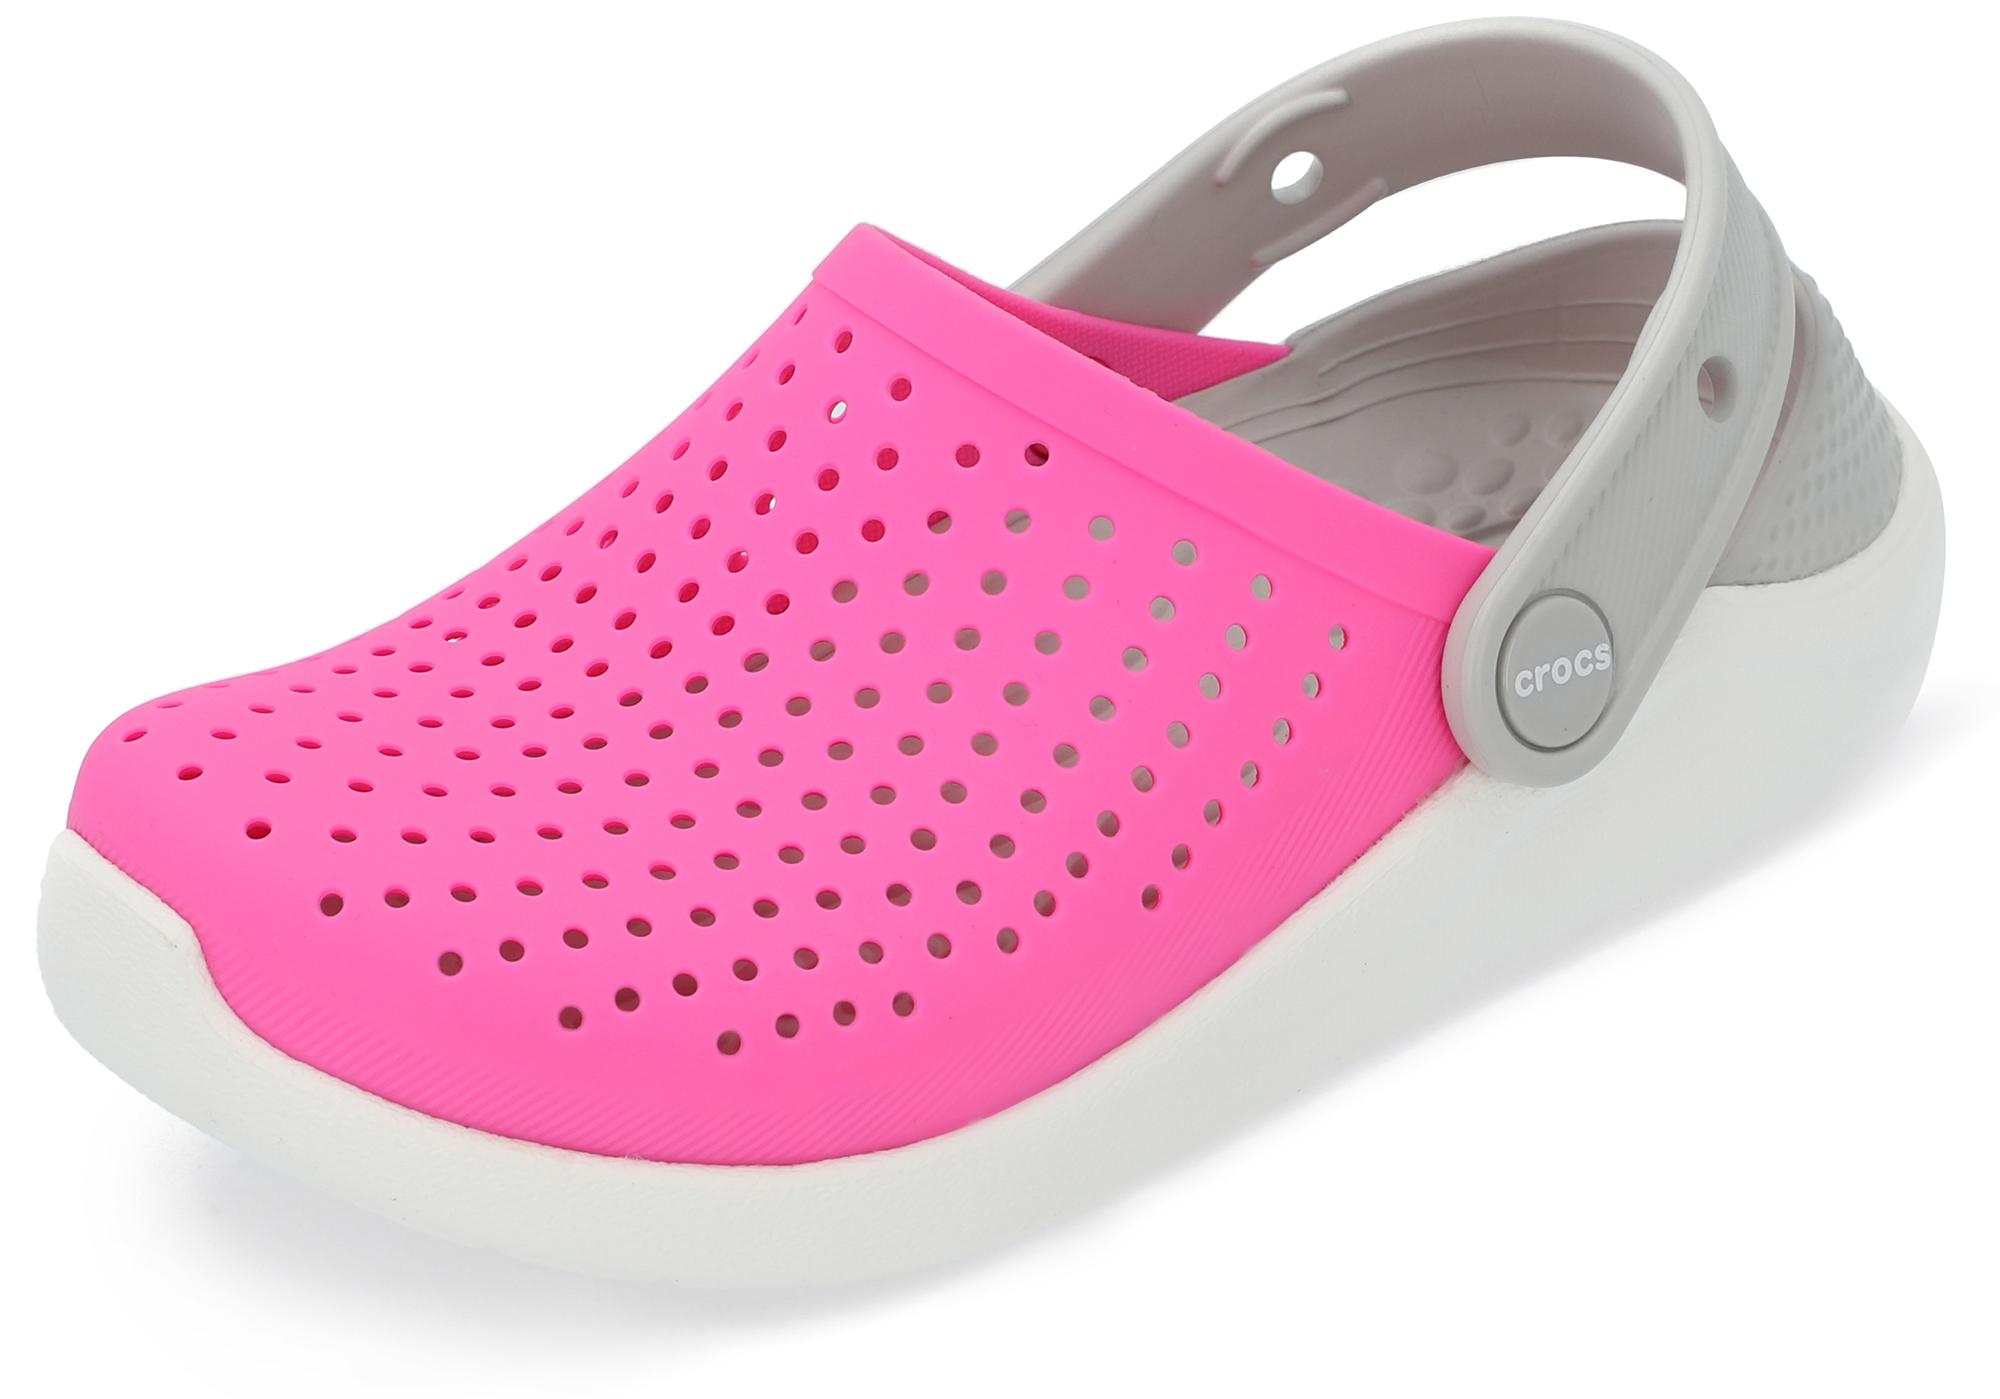 цена на Crocs Шлепанцы для девочек Crocs Literide Clog K, размер 33-34